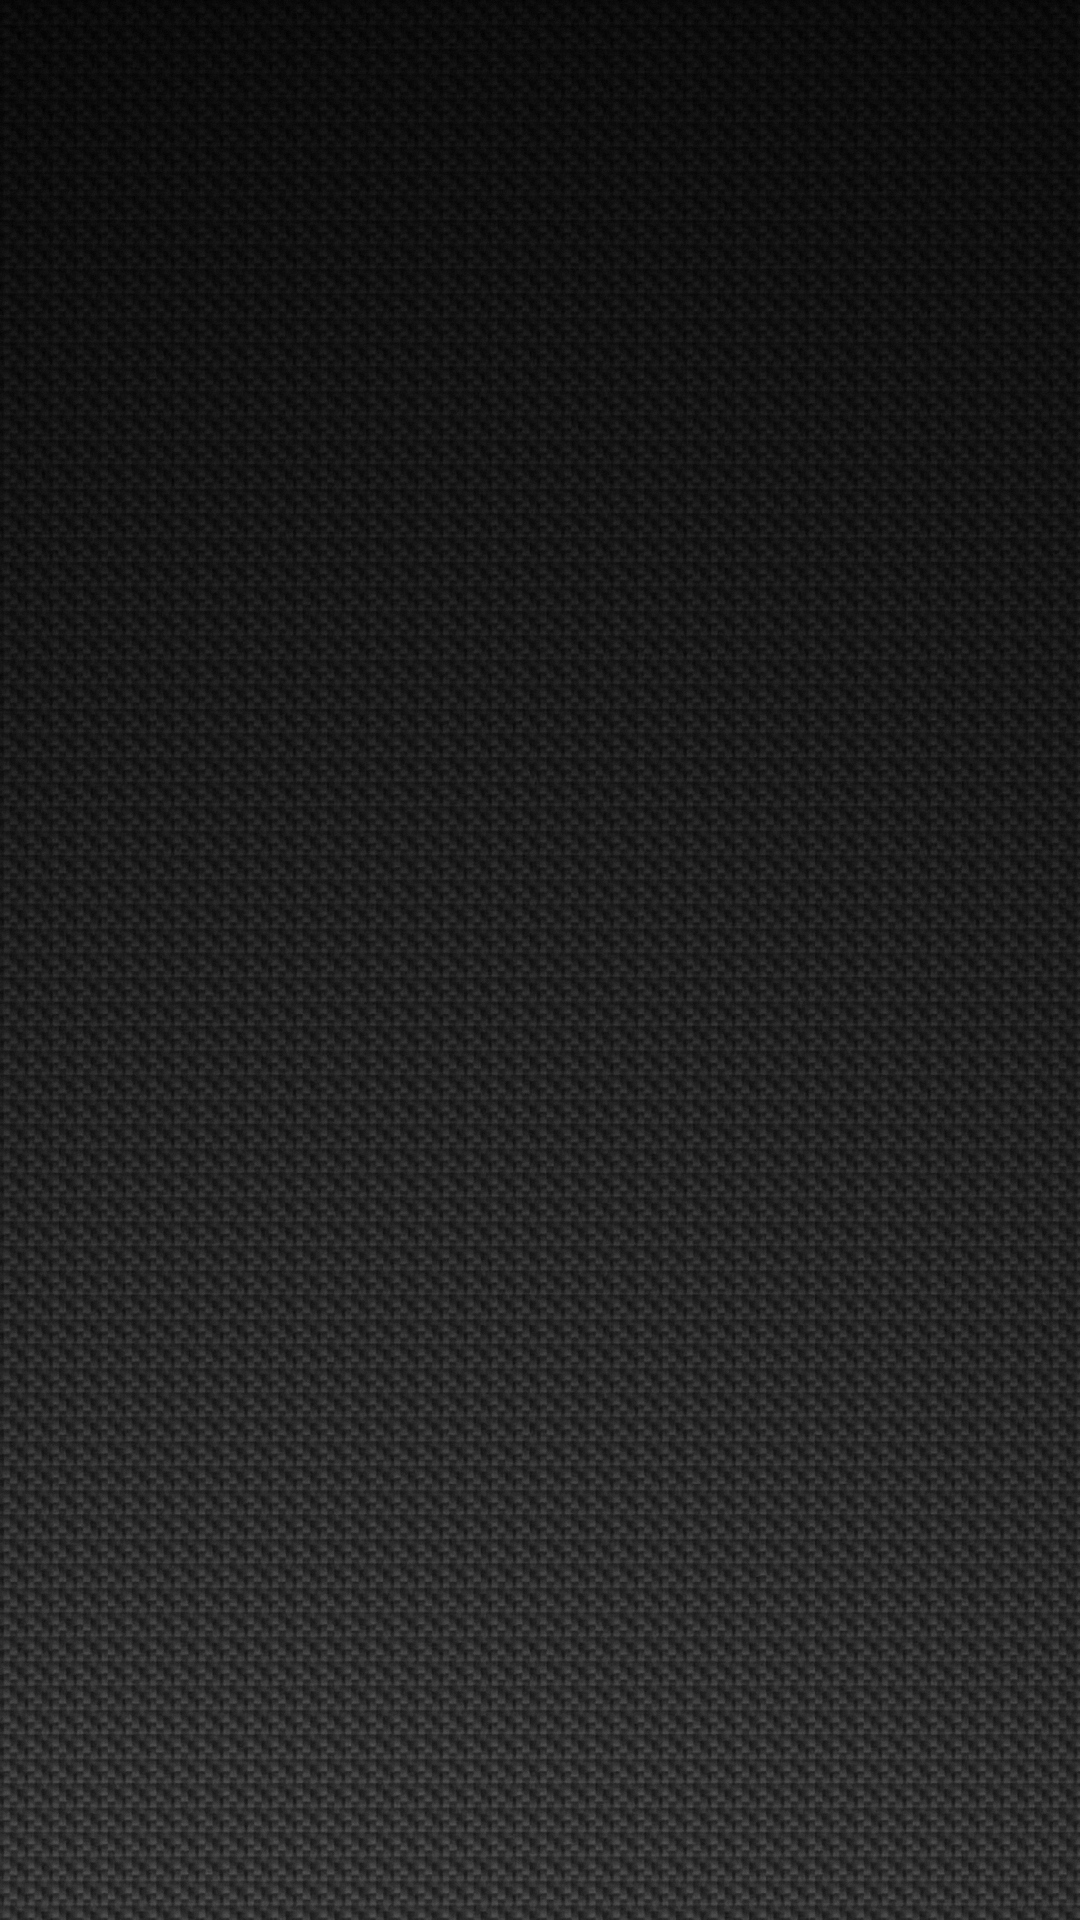 download carbon fiber wallpaper for motorola moto 1080x1920